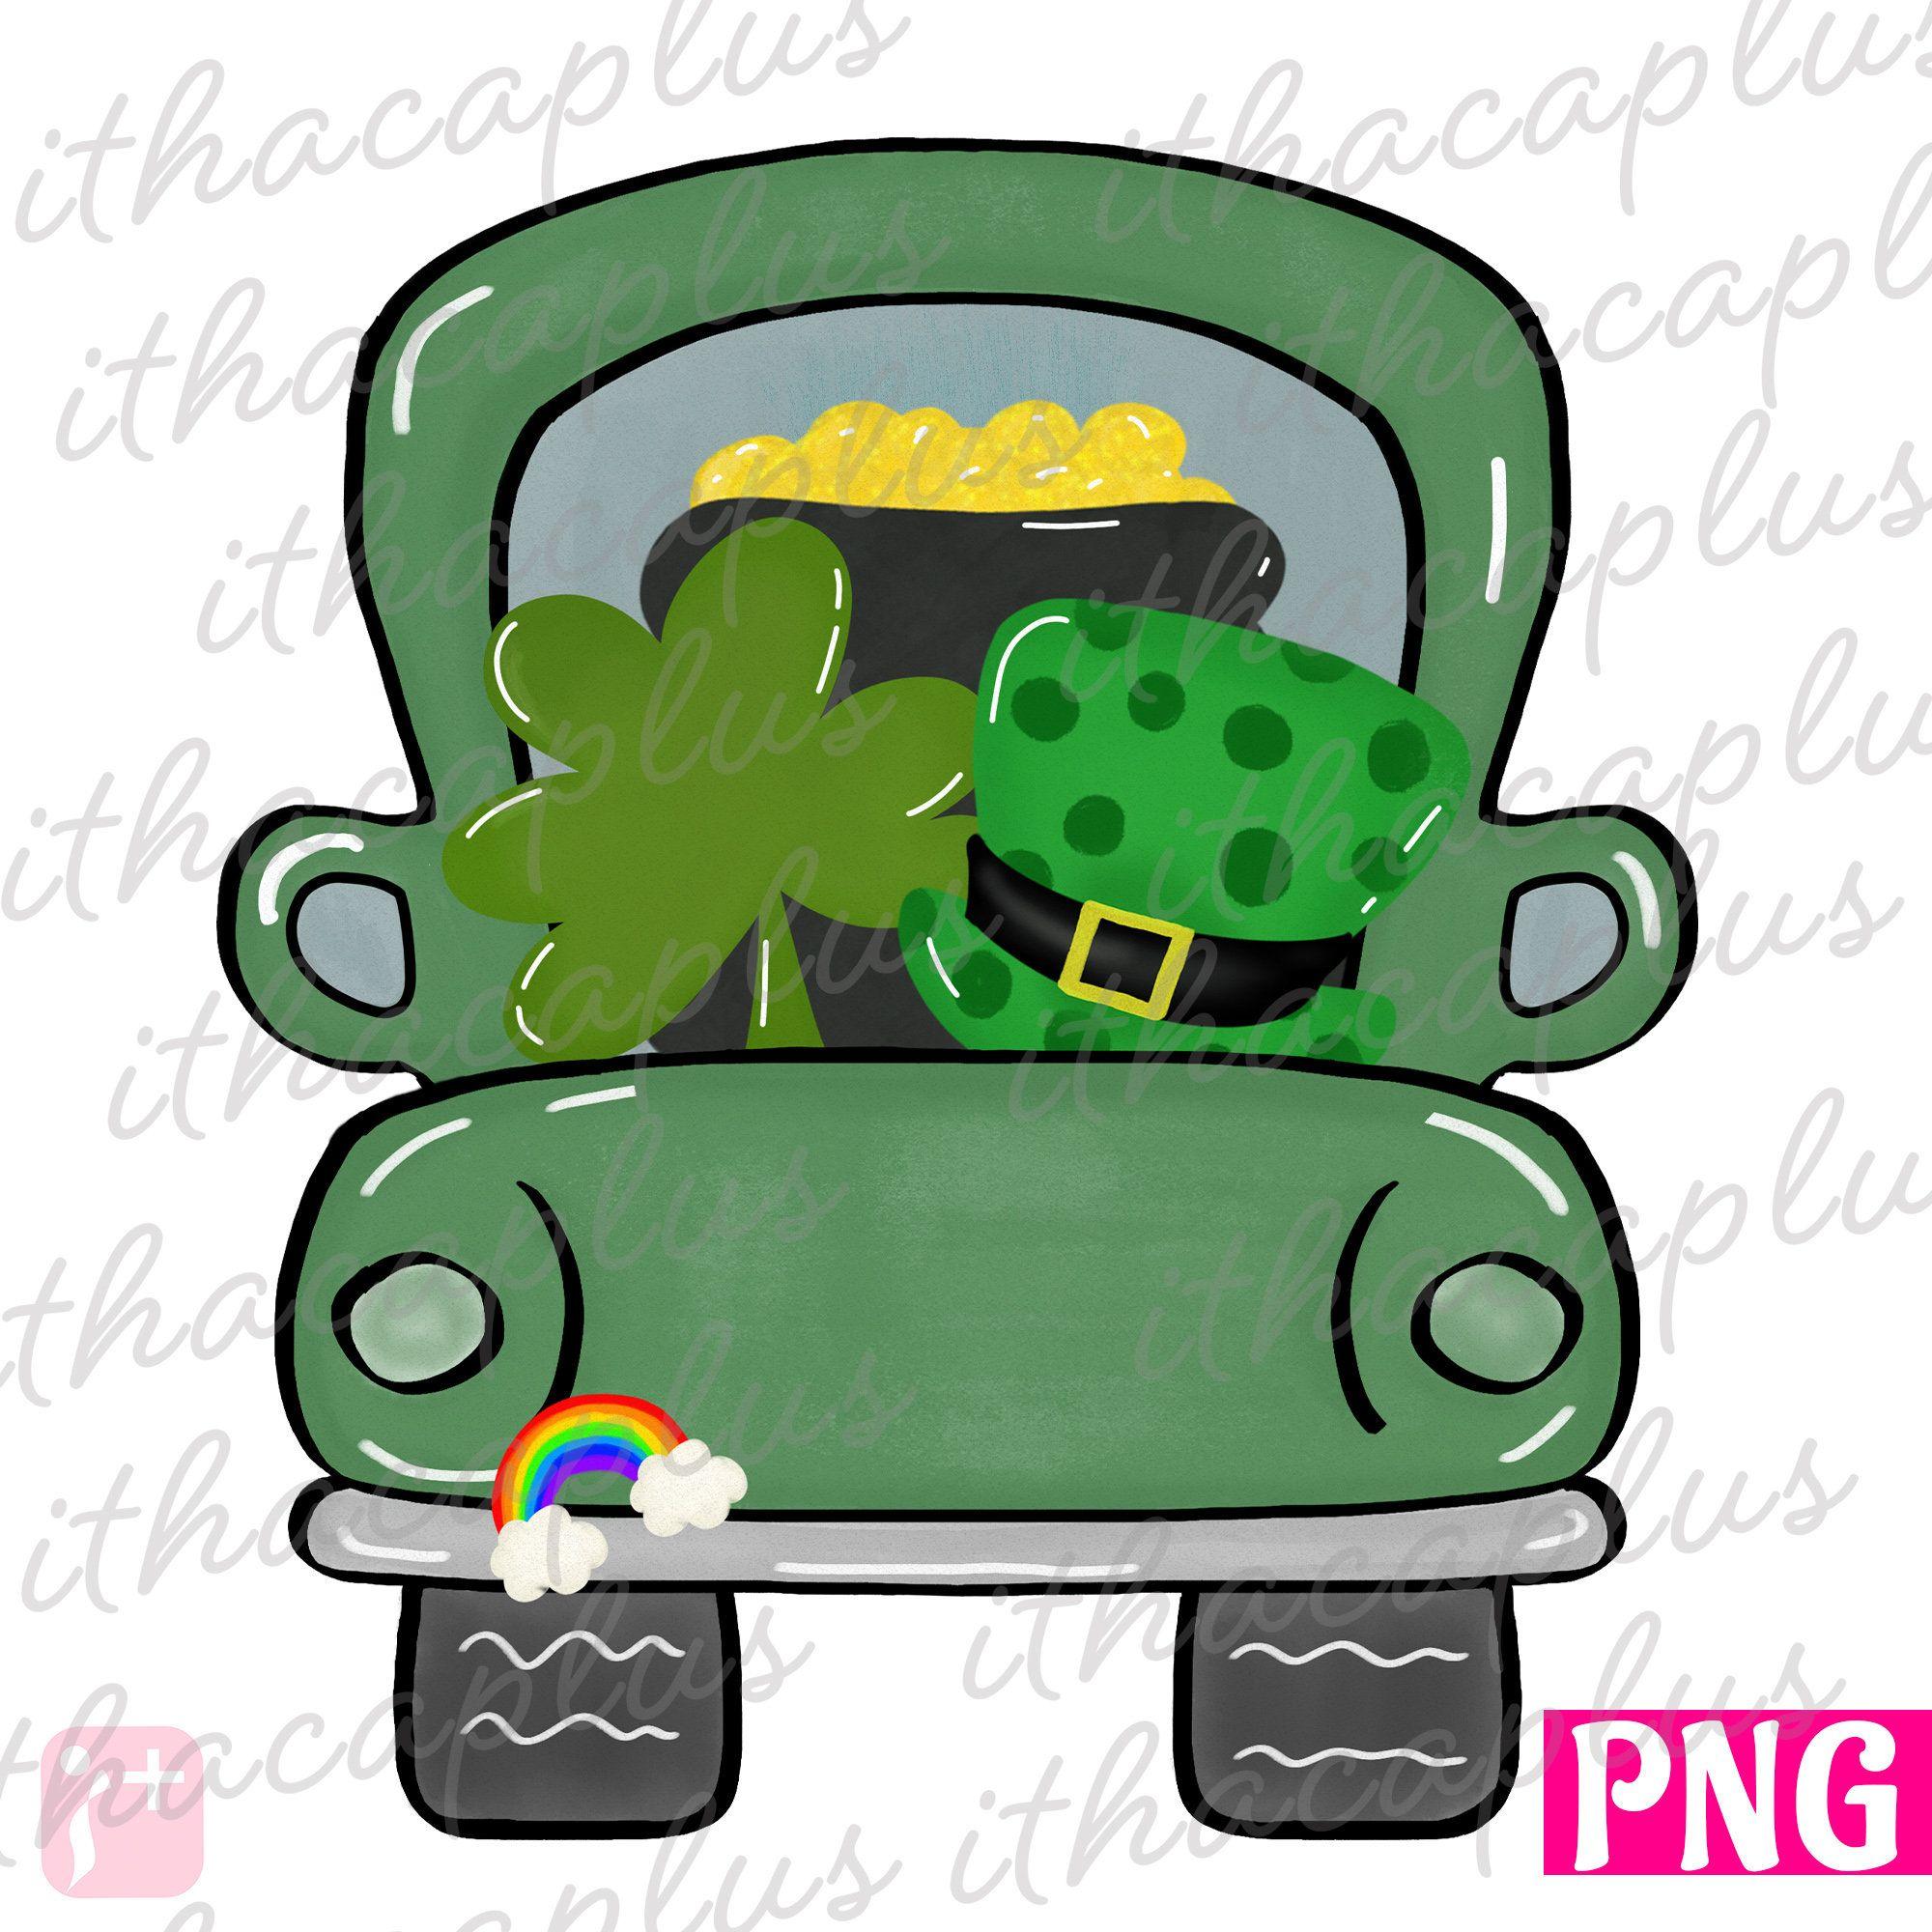 St Patrick S Day Png St Patrick S Truck Etsy In 2021 St Patricks Day Wallpaper St Patrick S Day Crafts St Patricks Crafts